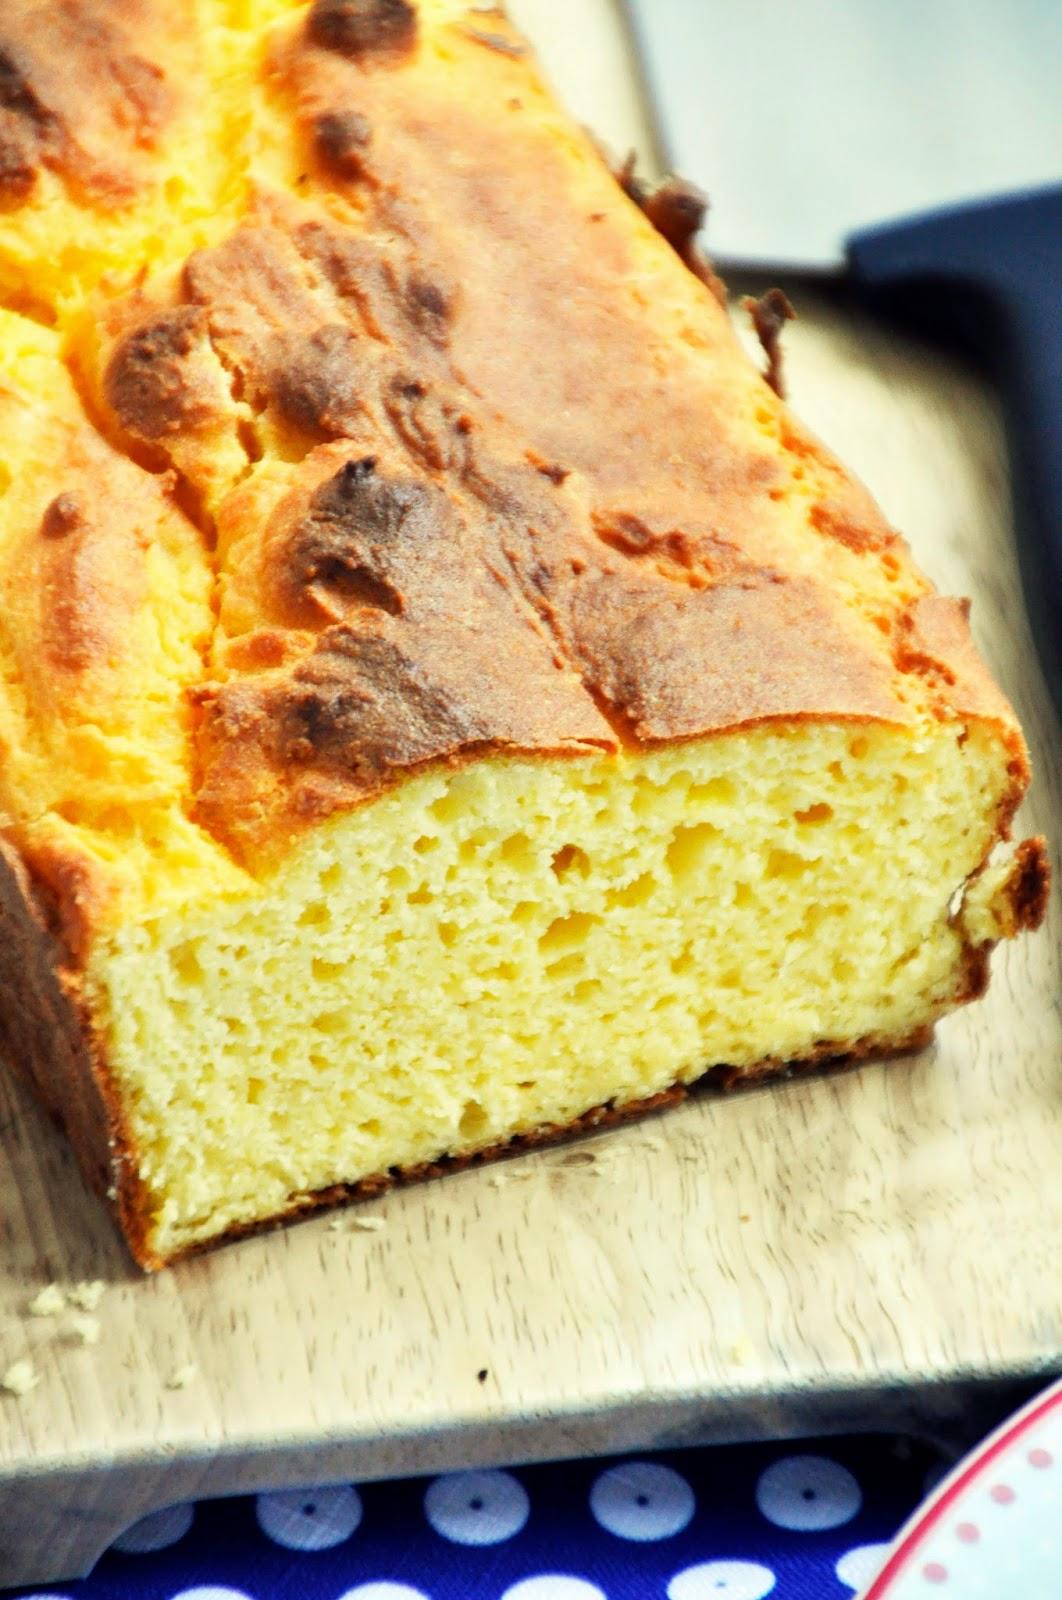 Szybko Tanio Smacznie - Jogurtowe ciasto kukurydziane